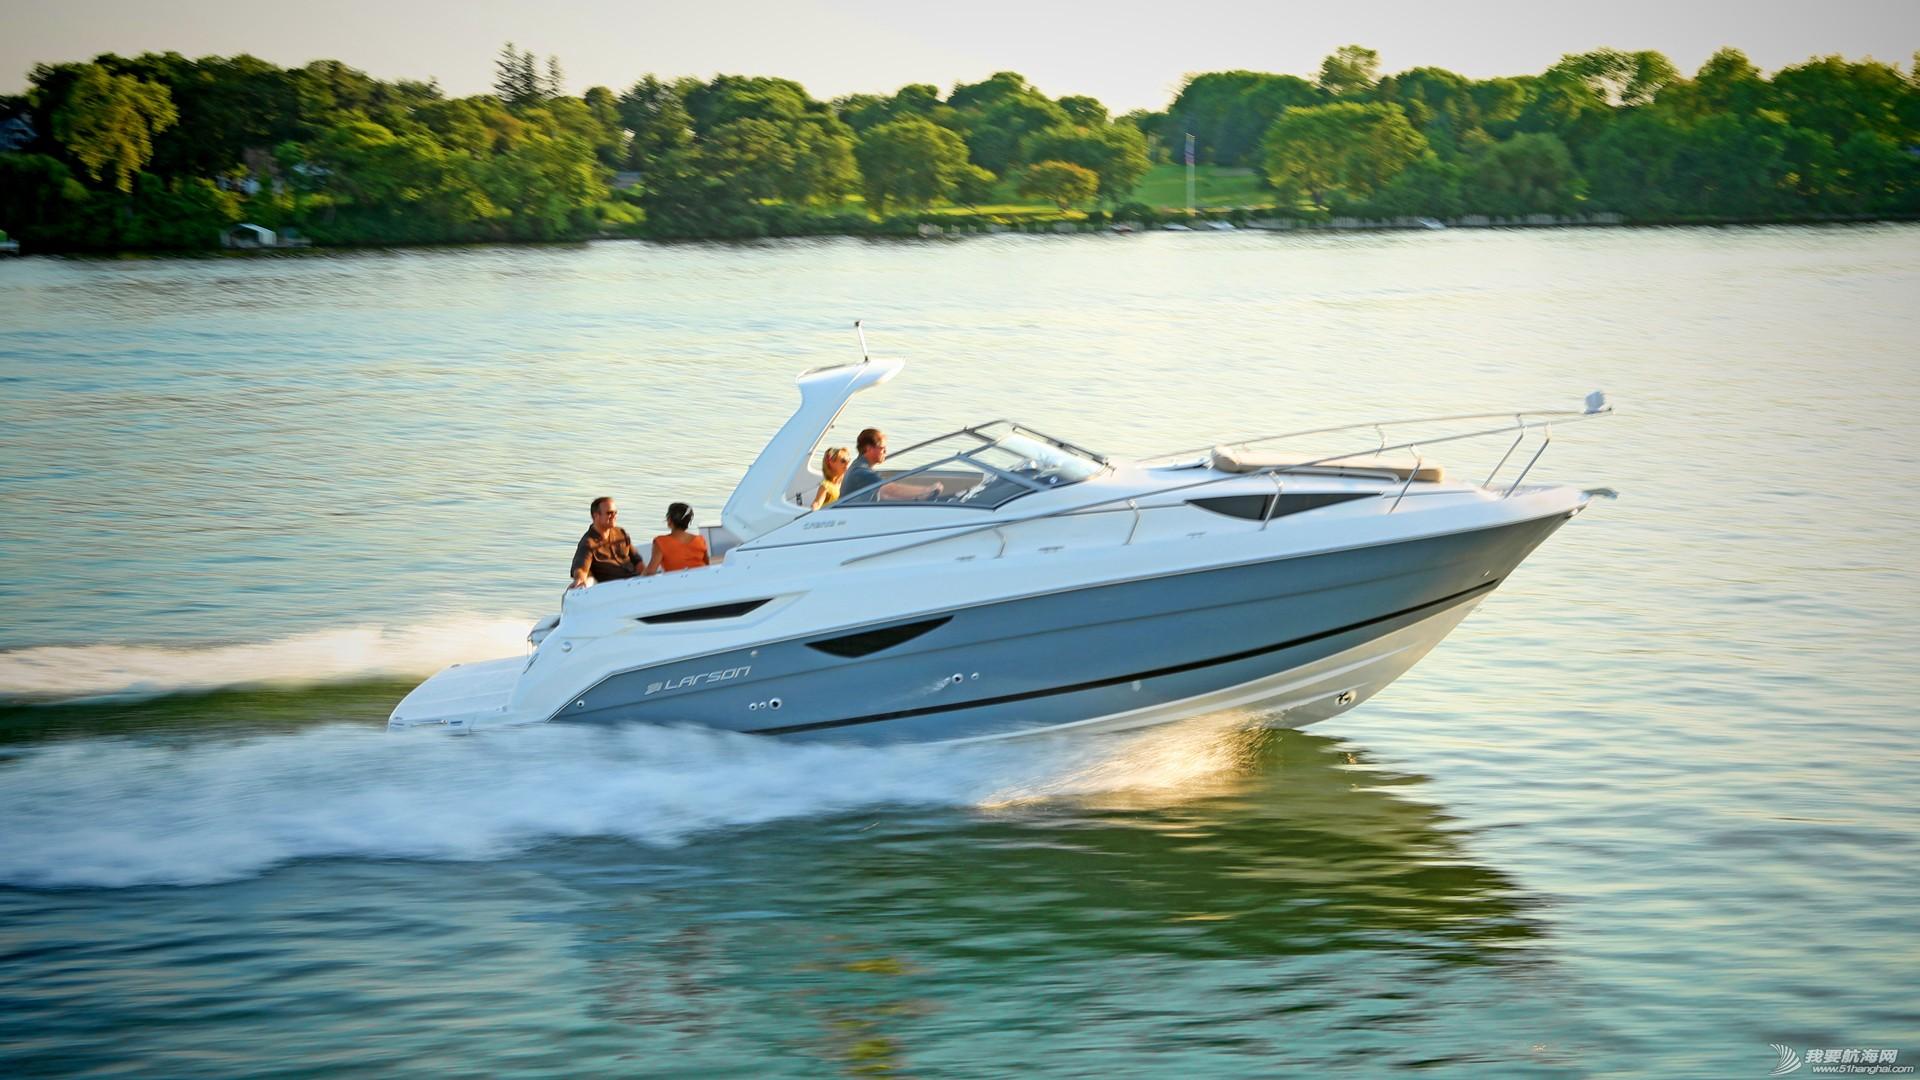 拉尔森,美国,进口 美国进口游艇拉尔森CABRIO 315,现船销售 5204489812349.jpg